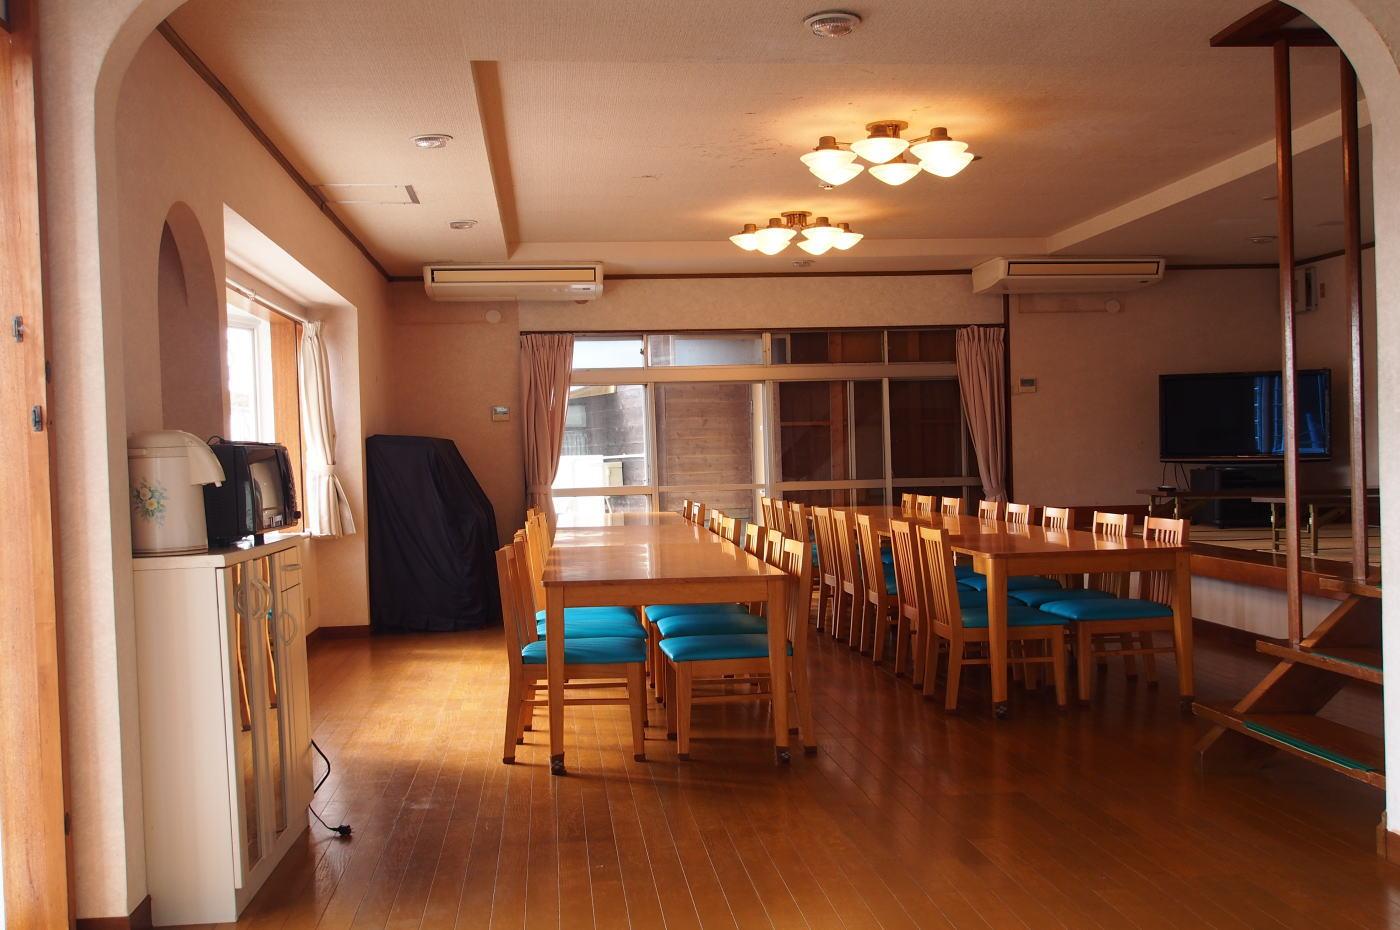 40畳の広いリビングに15名~20名程度のグループから最大35名まで宿泊できます